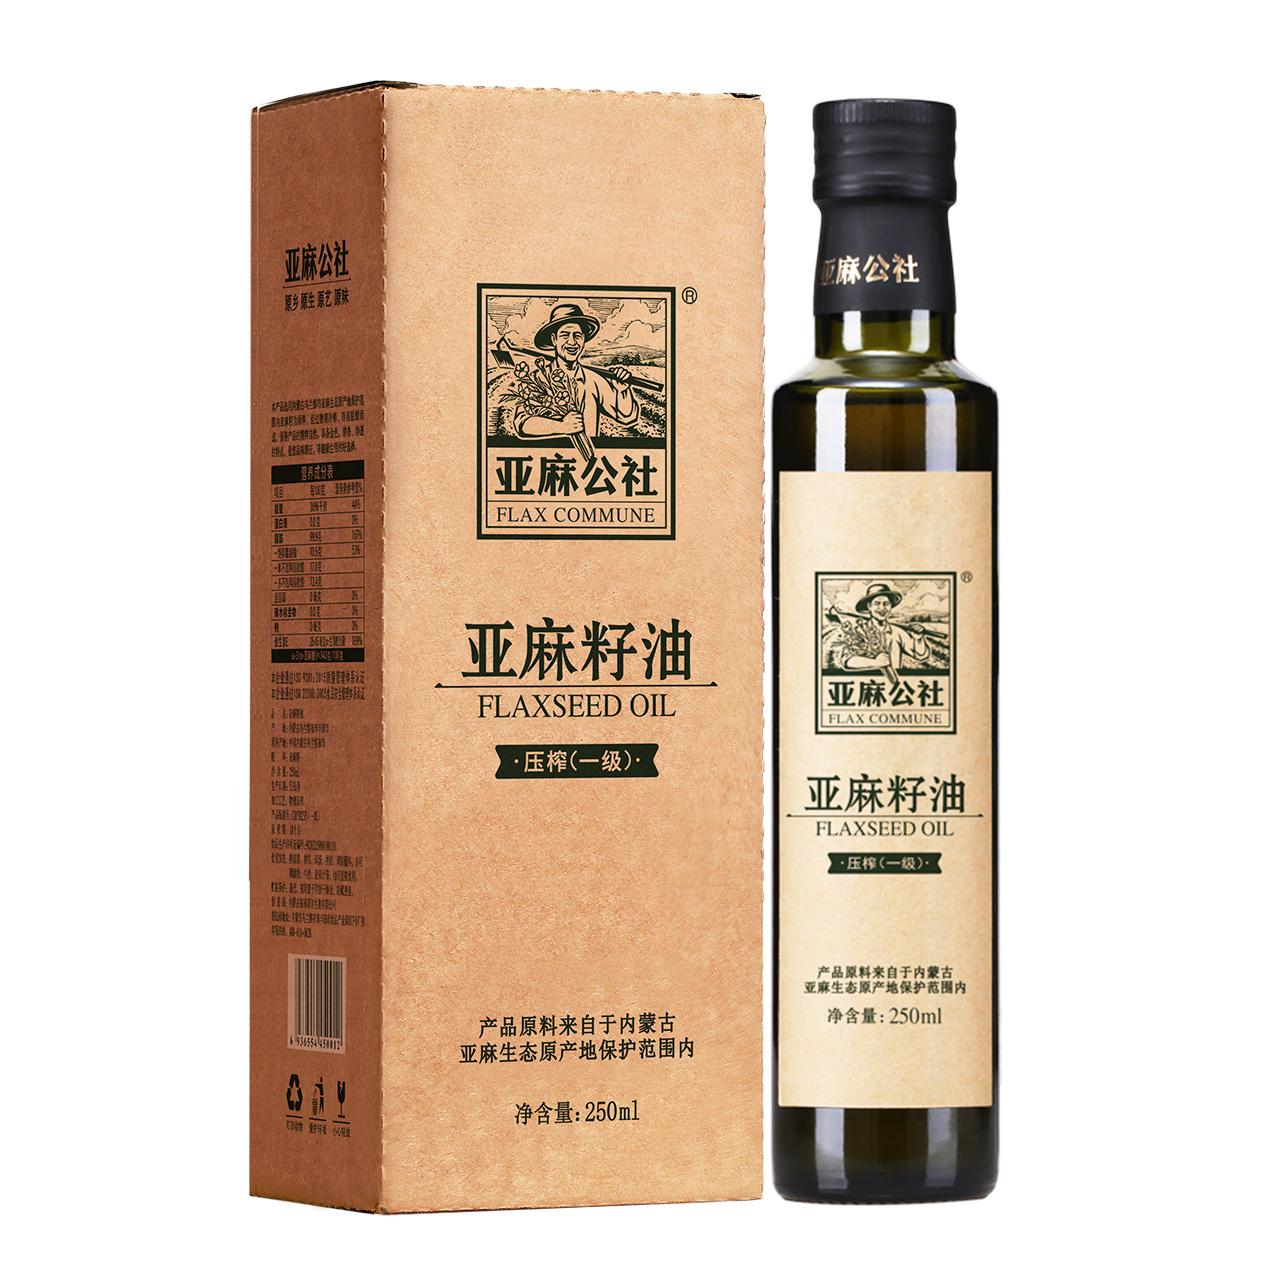 亚麻公社一级冷榨亚麻籽油孕妈月子油250ml内蒙古宝宝食用油